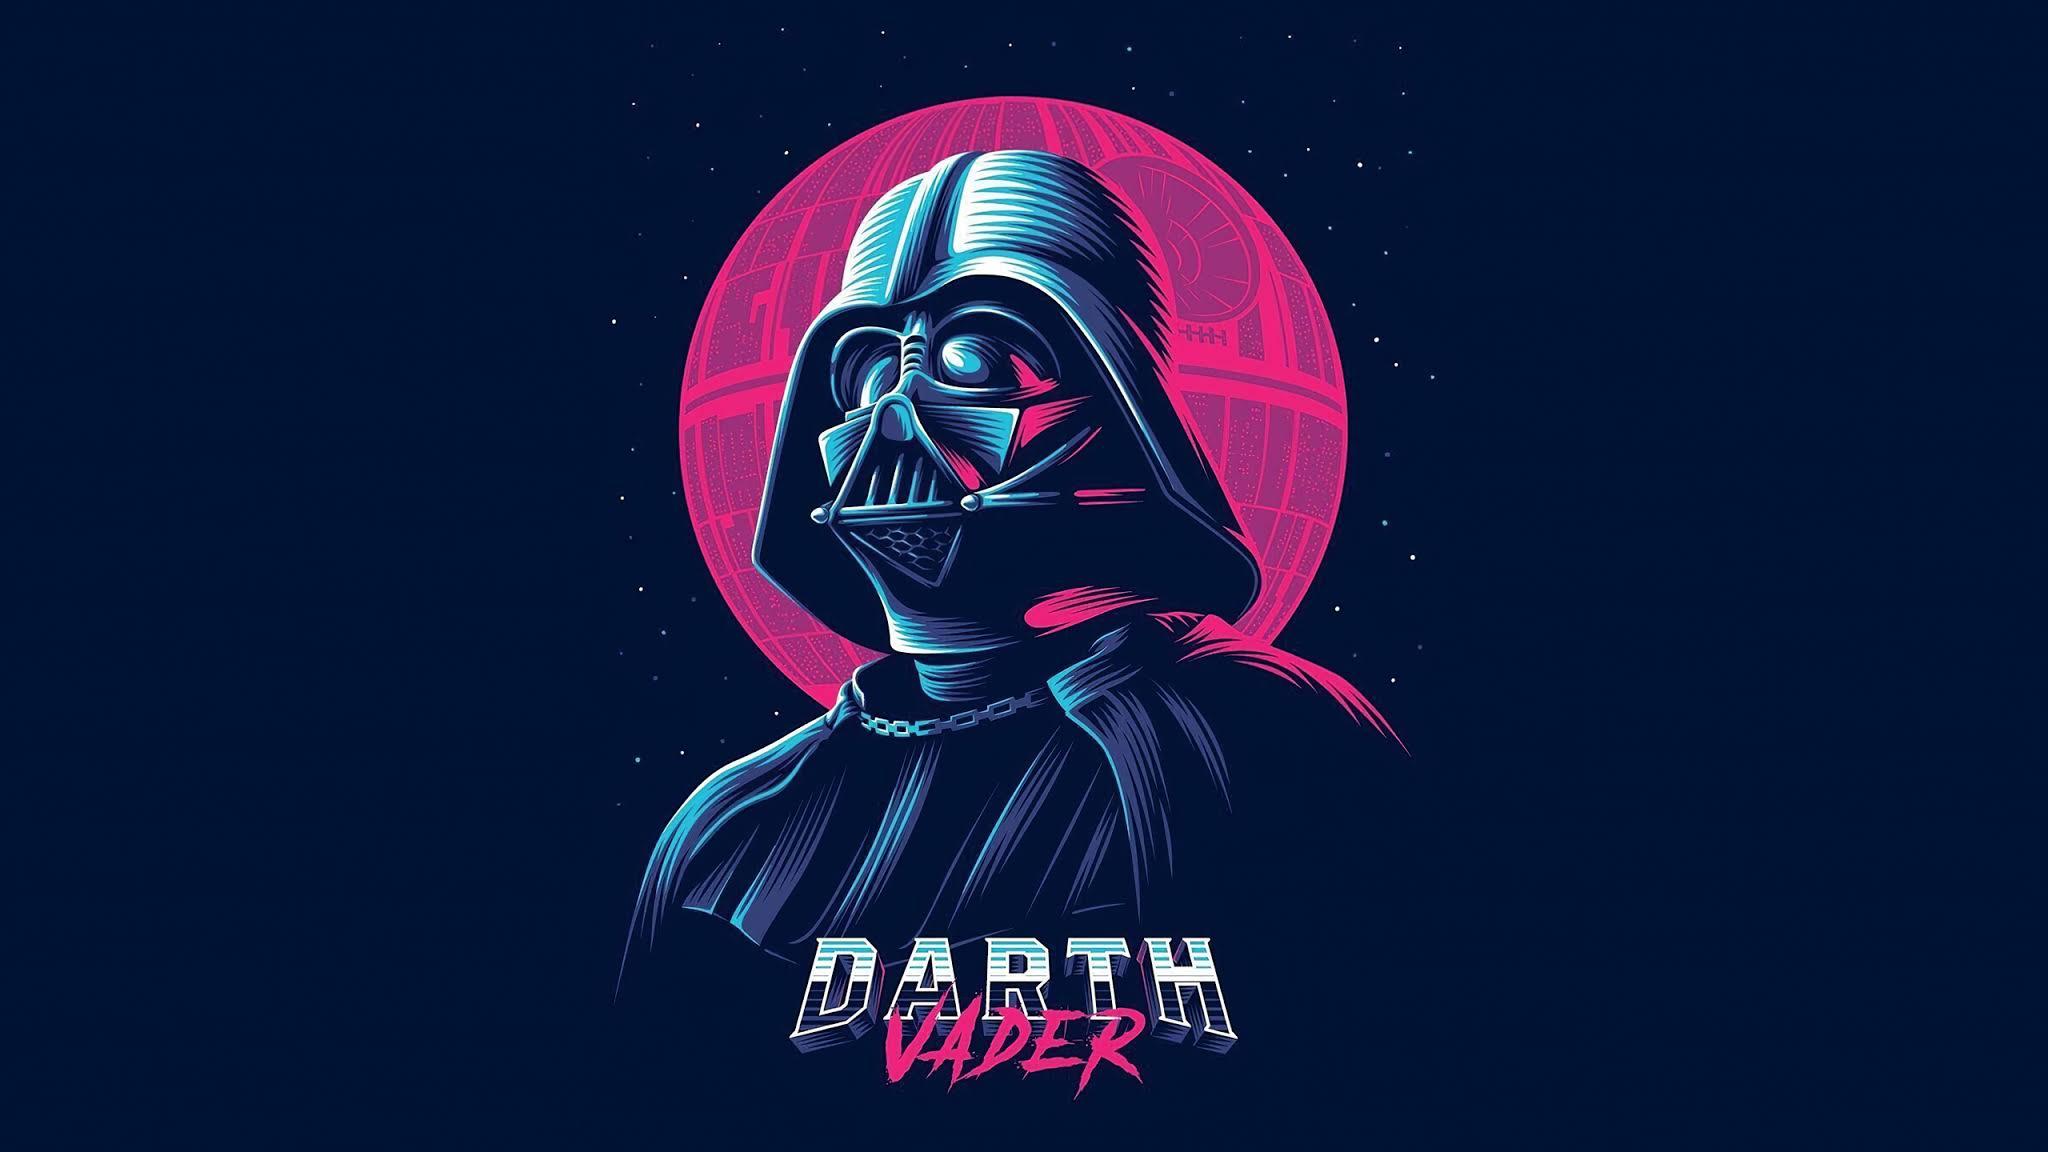 Wallpaper Darth Vader 4k